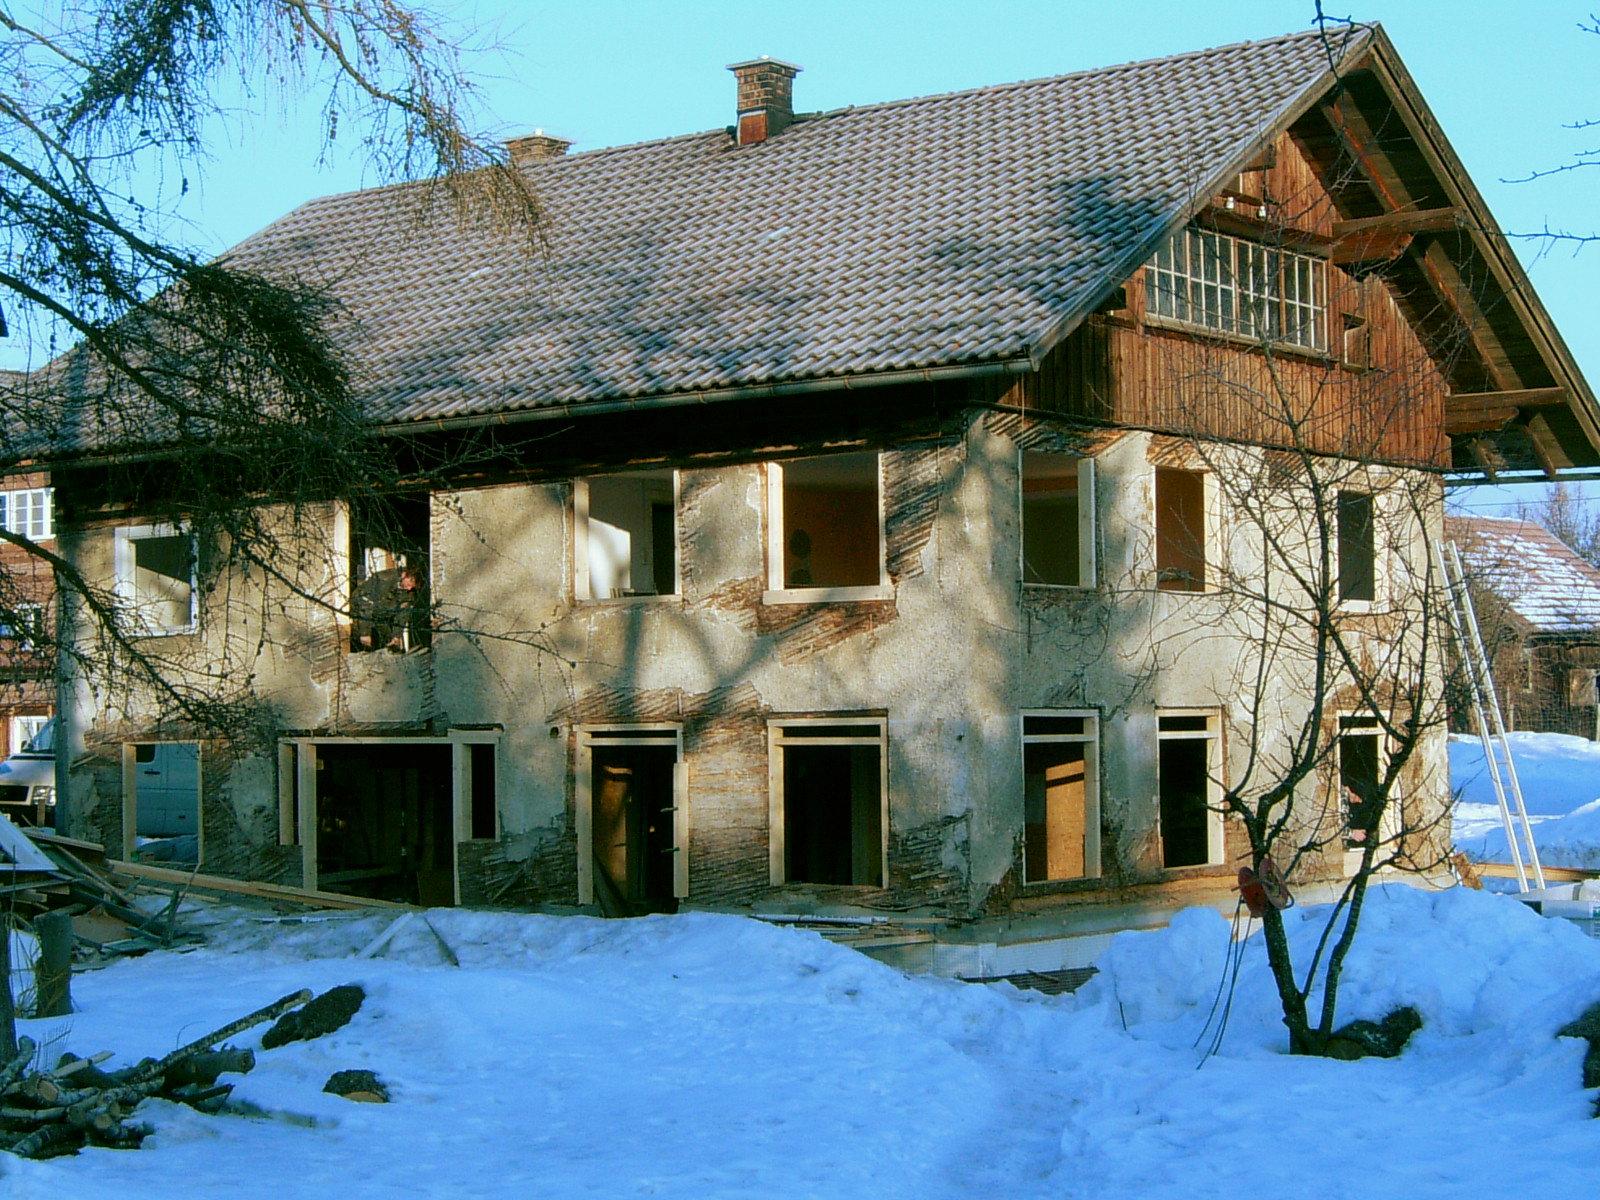 Bauphase, Umbau und energetische Sanierung MFH in Grünenbach